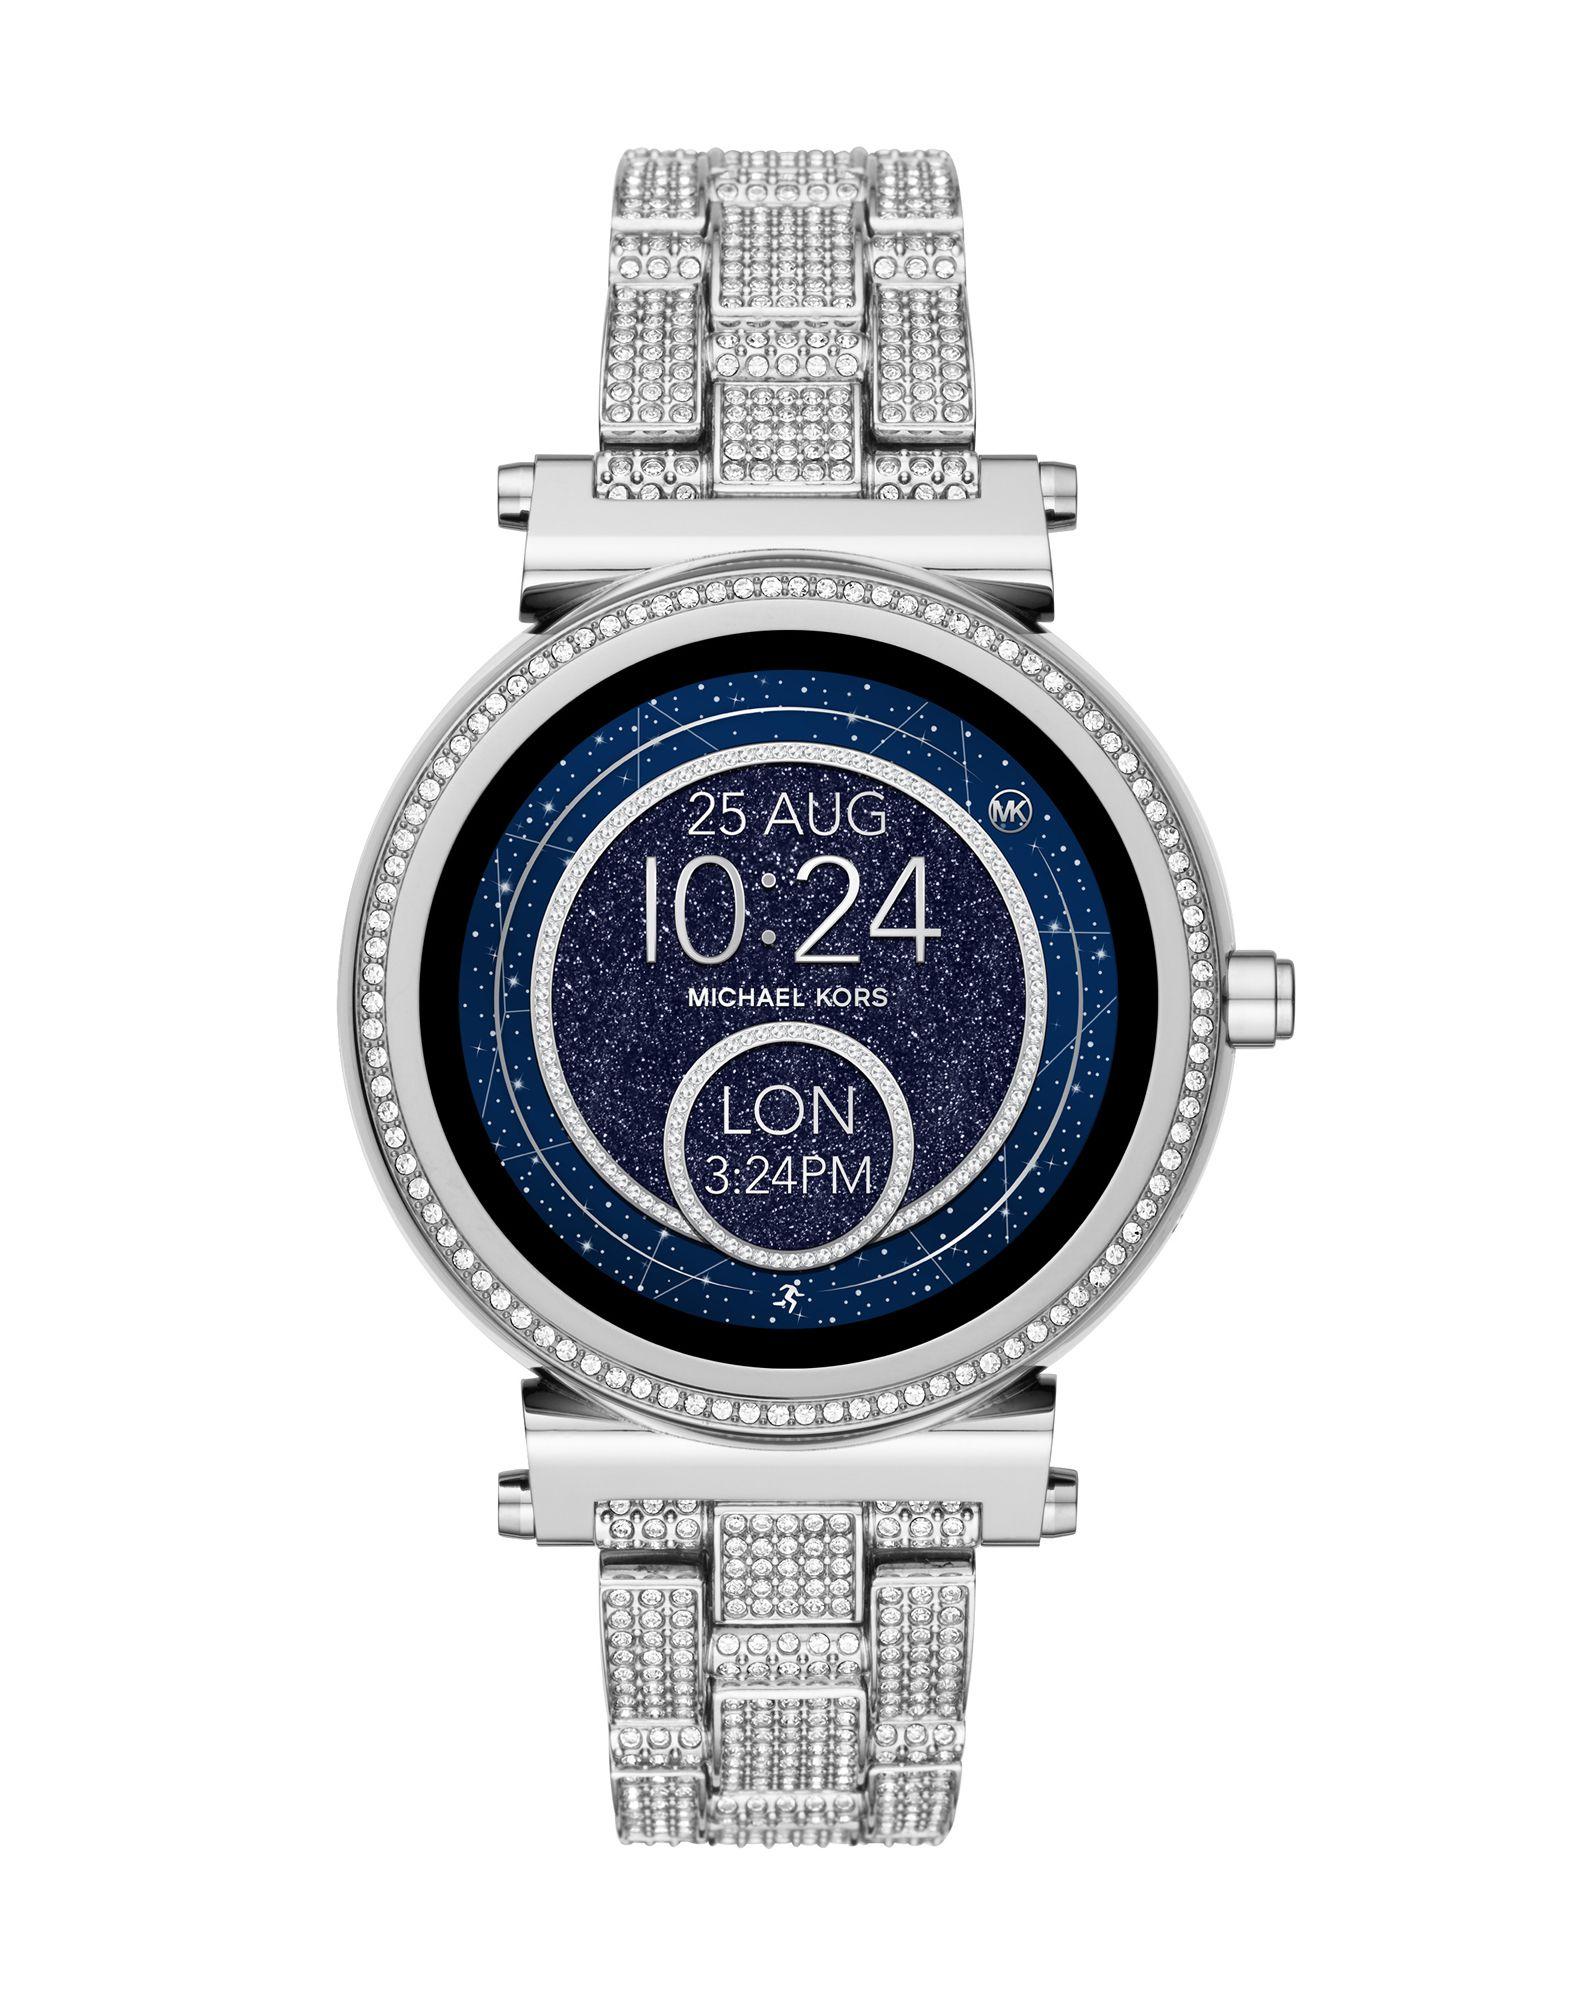 MICHAEL KORS ACCESS Damen Smartwatch Farbe Silber Größe 1 - broschei